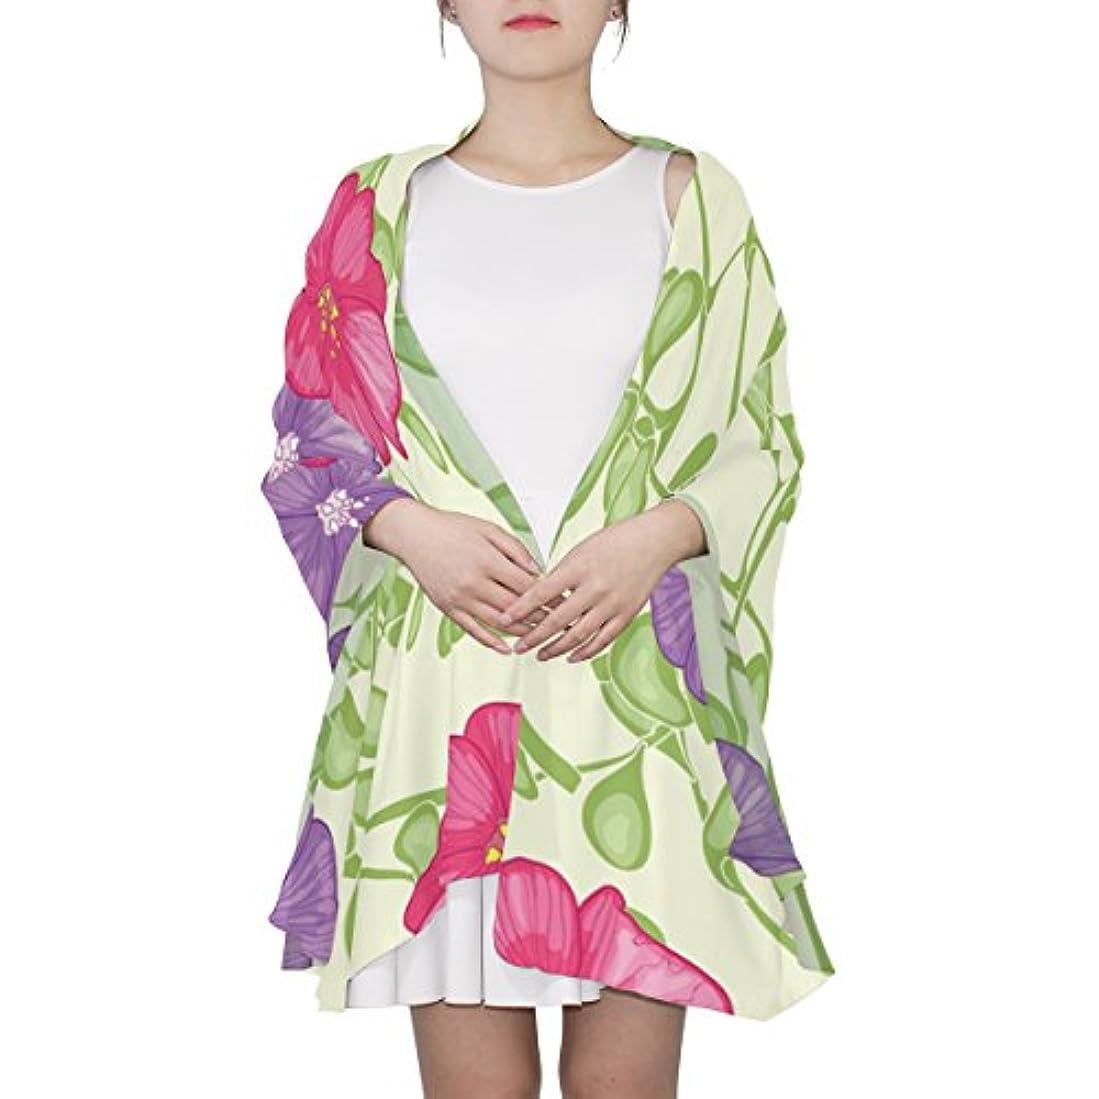 全国叙情的な王室Mikyu(ミクョ)スカーフ レディース 大判 ストール 赤 おしゃれ 花柄 冷房対策 薄手 ギフト 贈り物 母の日 彼女 プレゼント 180cm*90cm